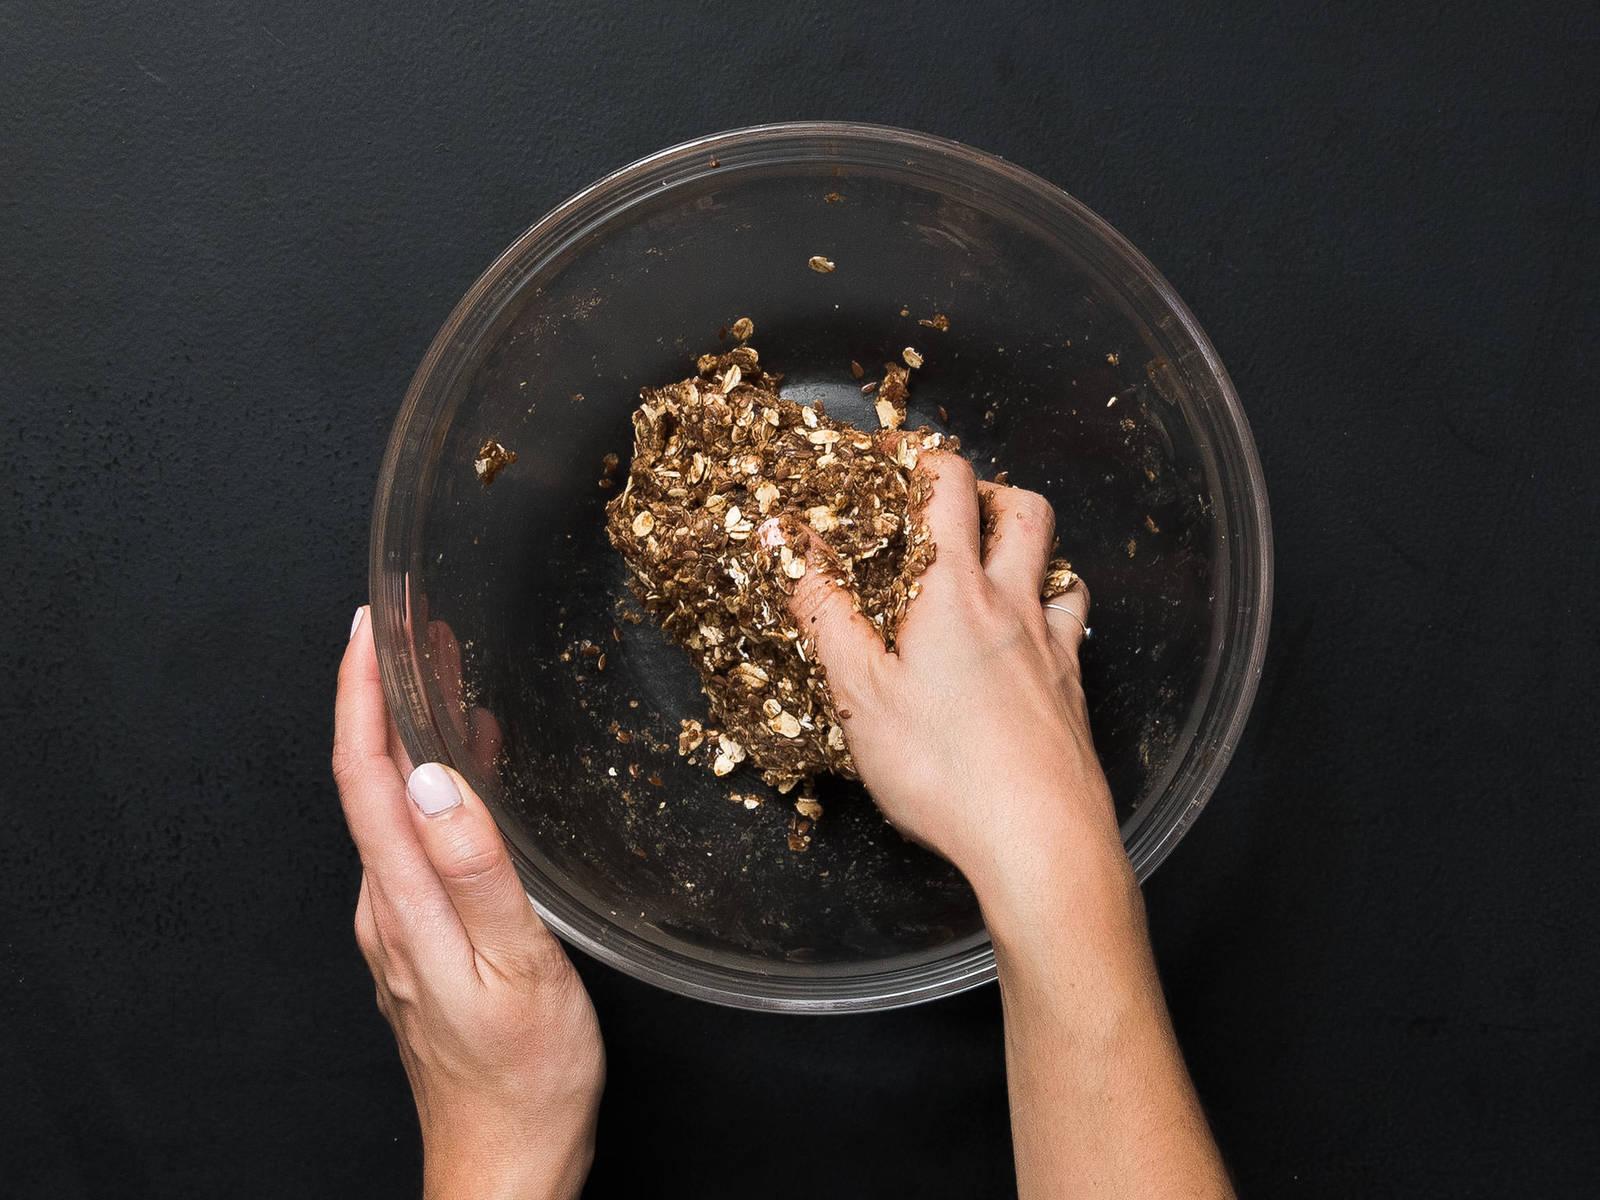 Die Hälfte der Haferflocken-Mischung, Datteln und Kokosöl in einen Zerkleinerer geben und mixen. Zurück zur restlichen Haferflocken-Mischung in die Schüssel geben und zu einen Teig verkneten.